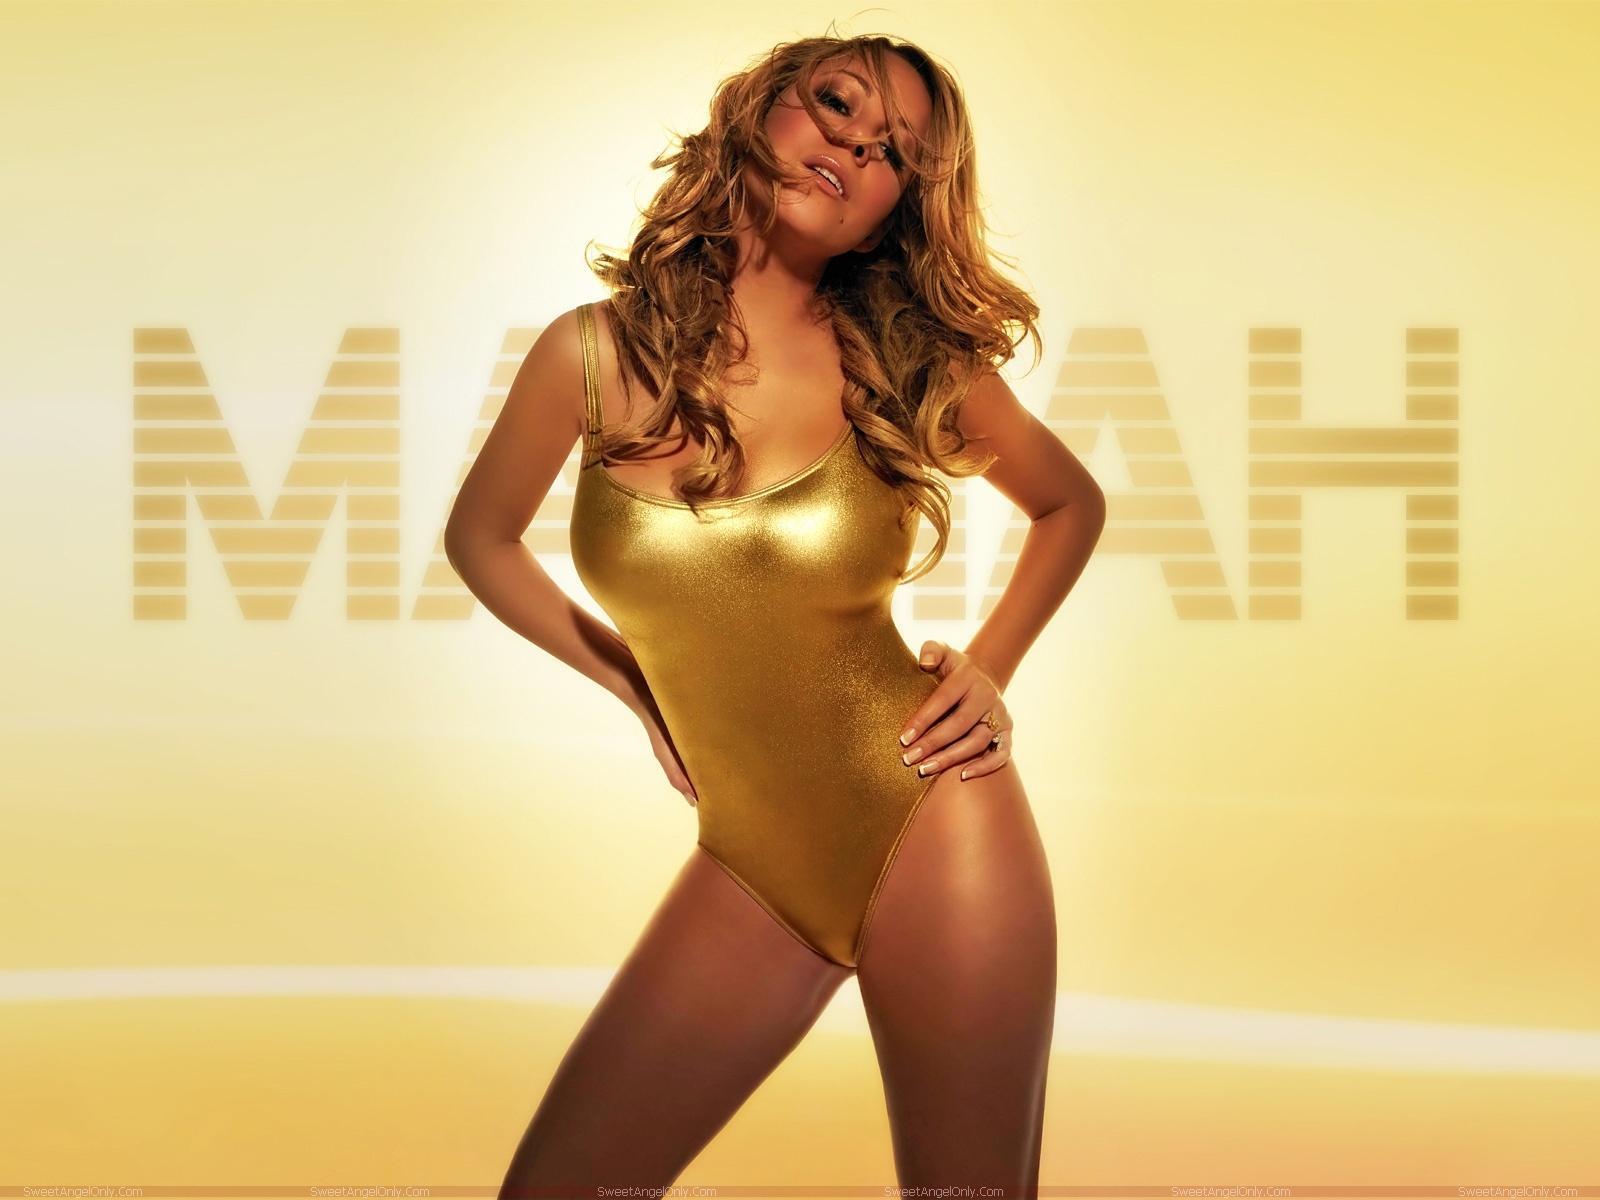 http://2.bp.blogspot.com/-Kqy0sdgZ0gs/TY3pKw-joEI/AAAAAAAAF_U/gTXzaQmx2Yg/s1600/mariah_carey_hollywood_hot_actress_wallpaper_sweetangelonly_17.jpg